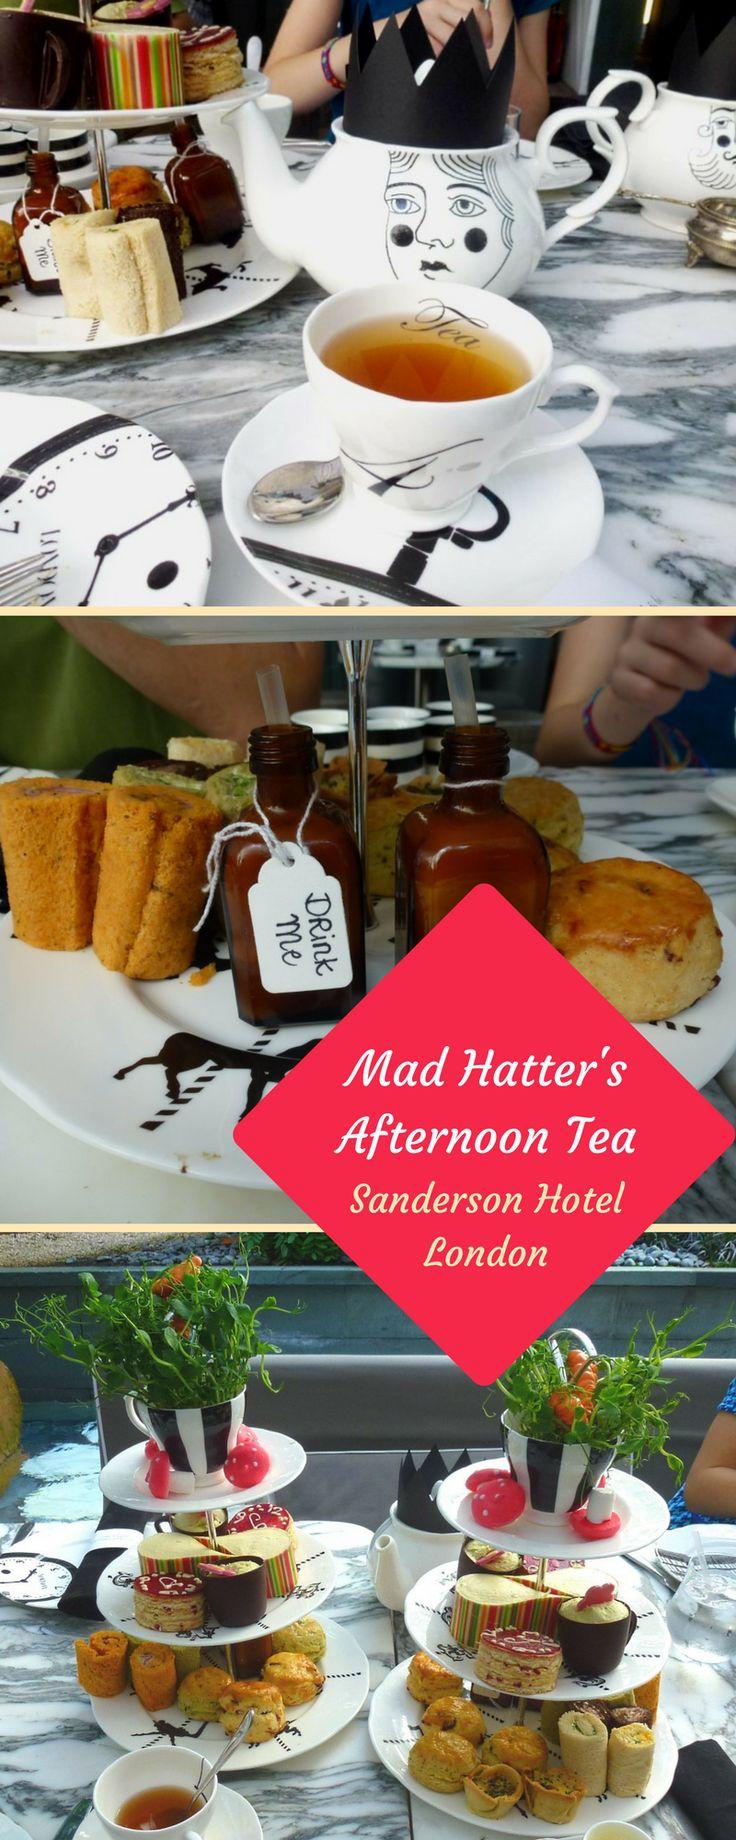 Exzentrische Alice-in--Wonderland-Teatime: Mad Hatter's Tea im Sanderson Hotel London #aliceinwonderland #teatime #london